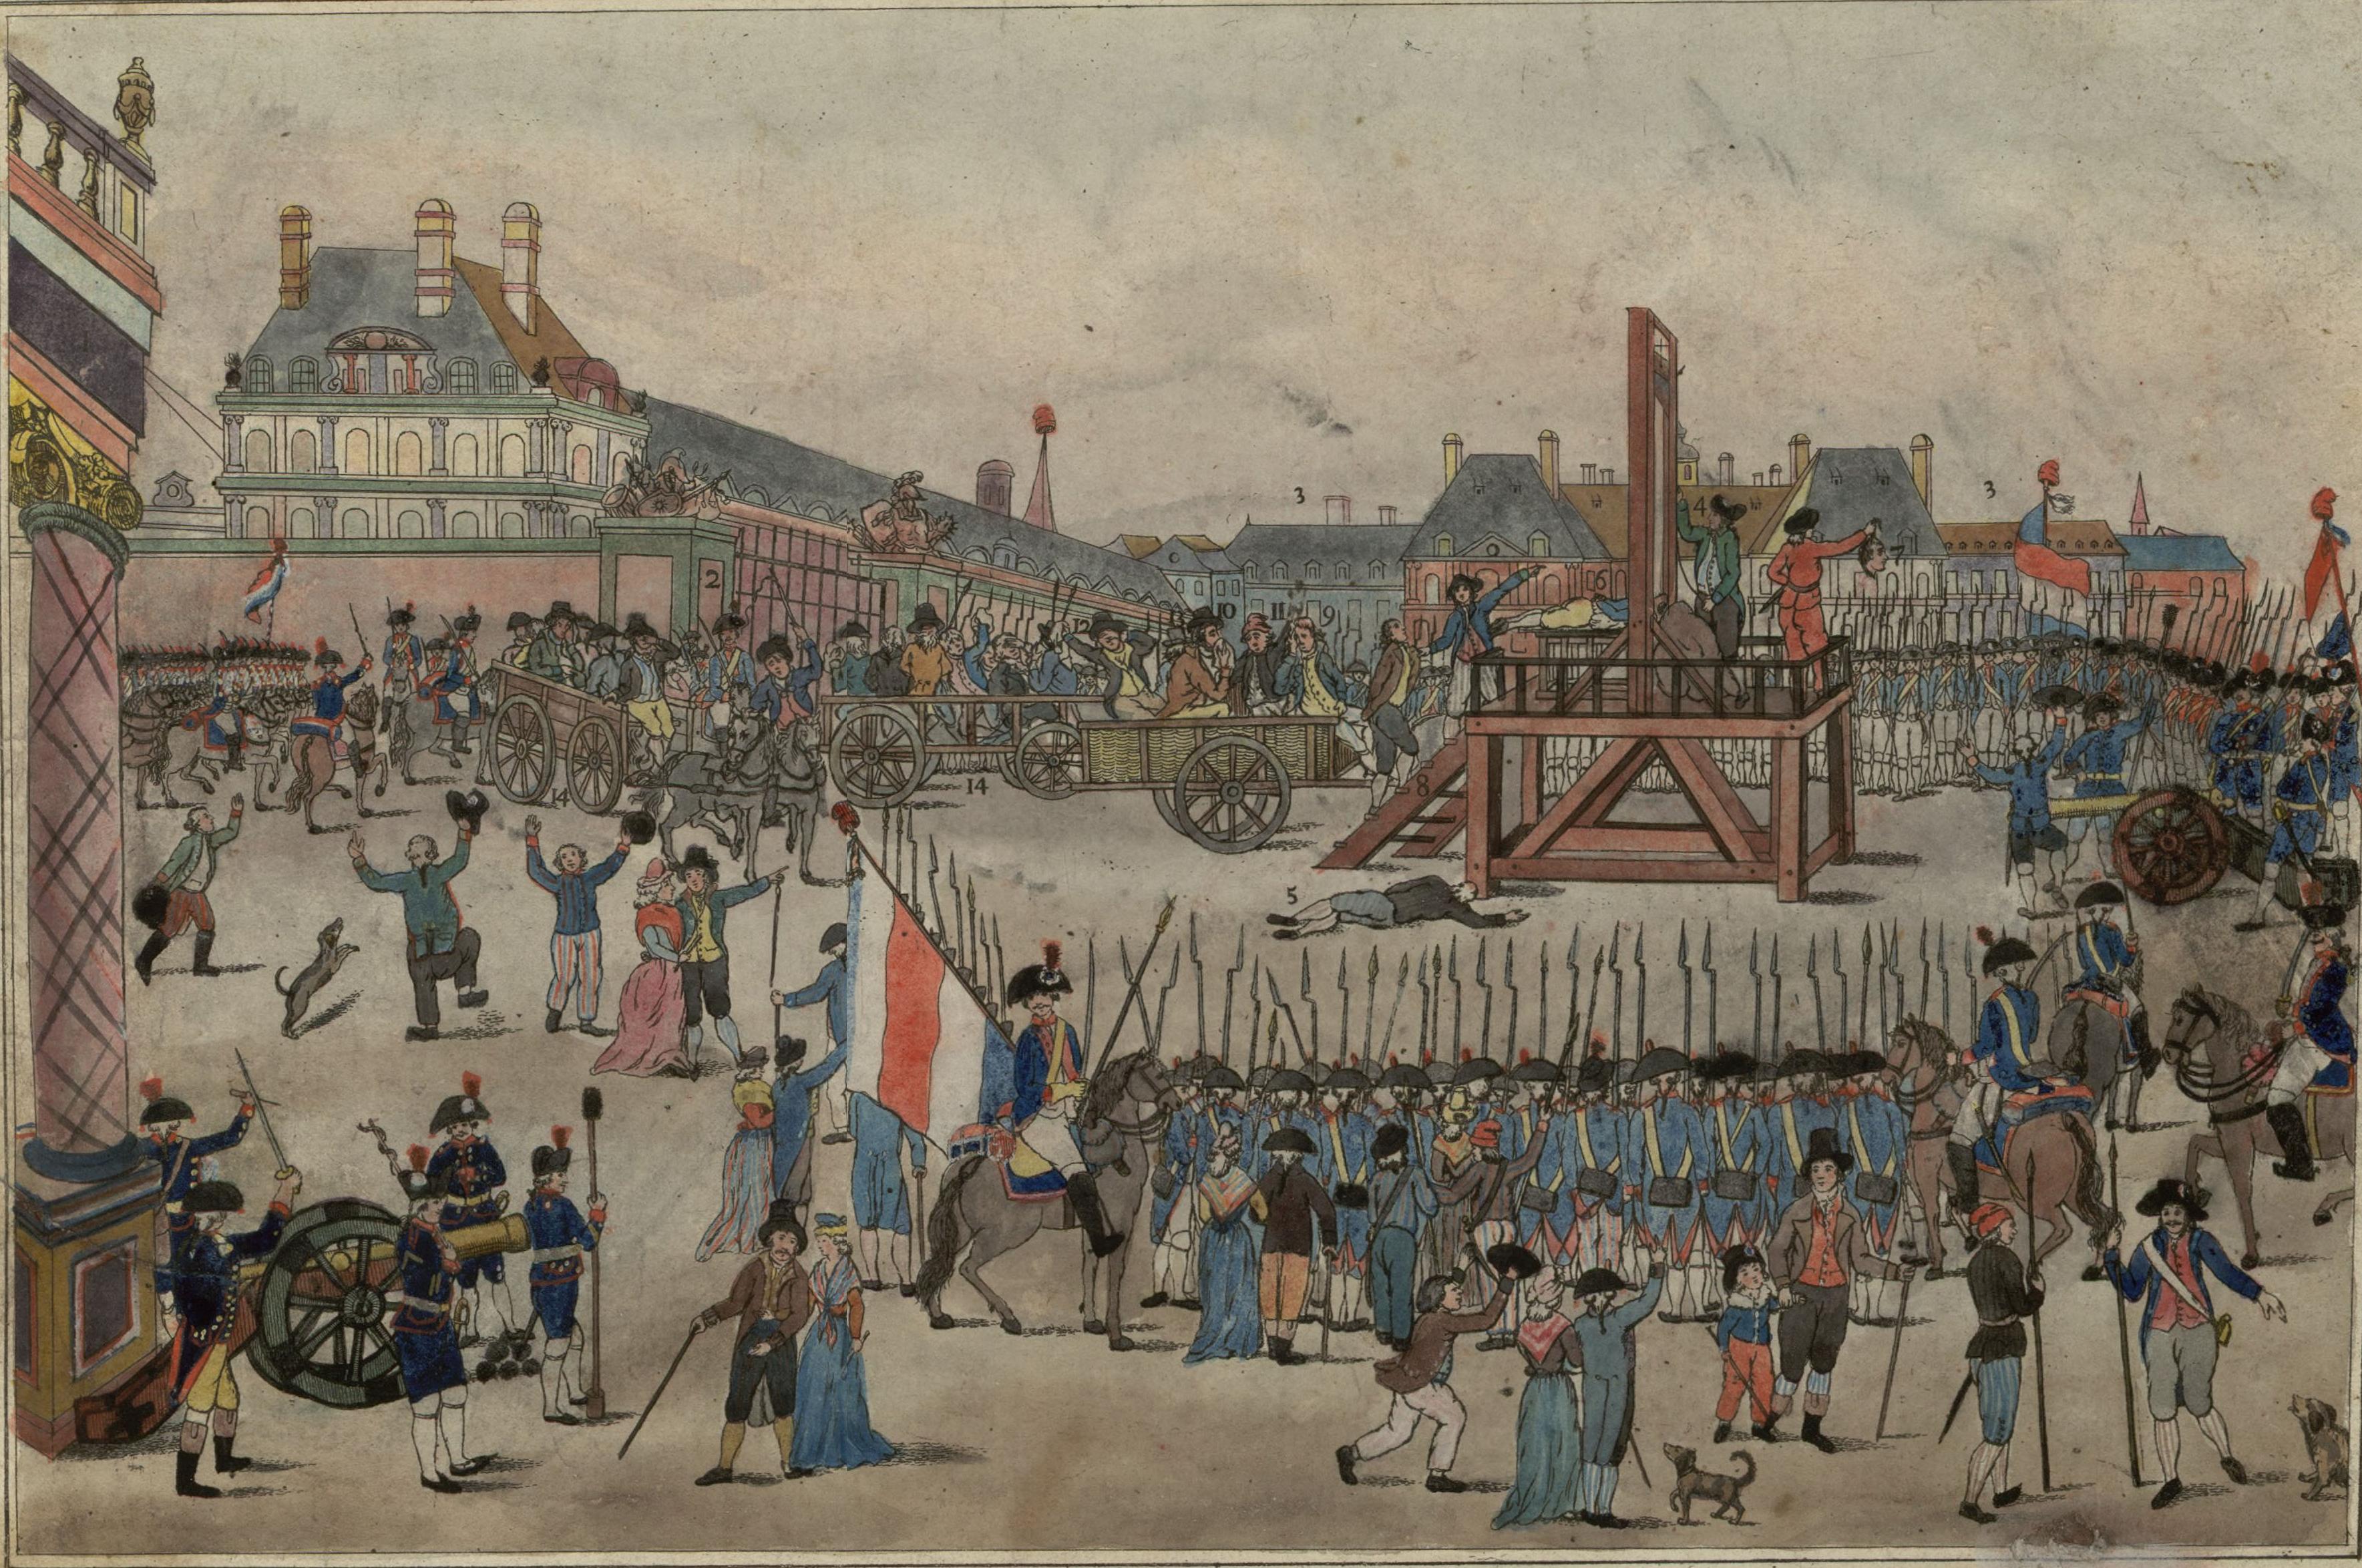 حين اعدمت فرنسا عشرة الاف من انقلابييها الخونة